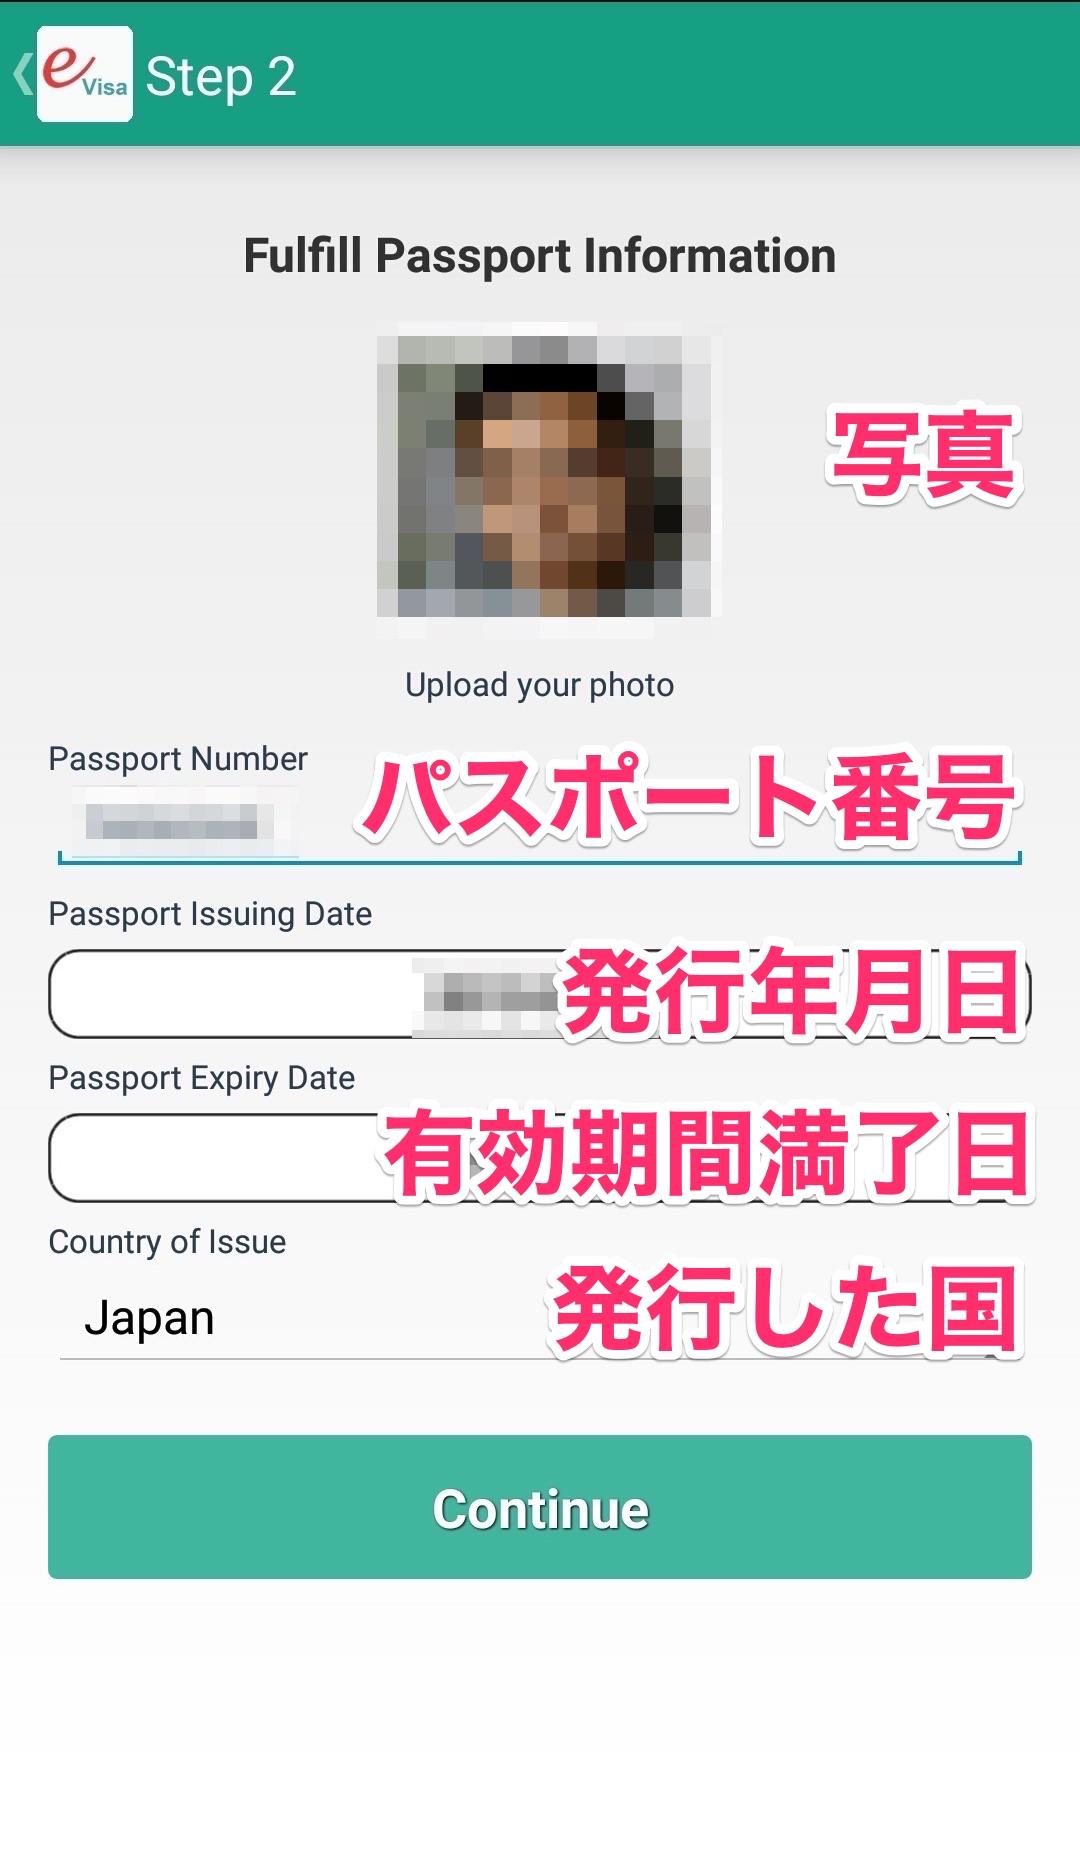 パスポート情報の入力画面